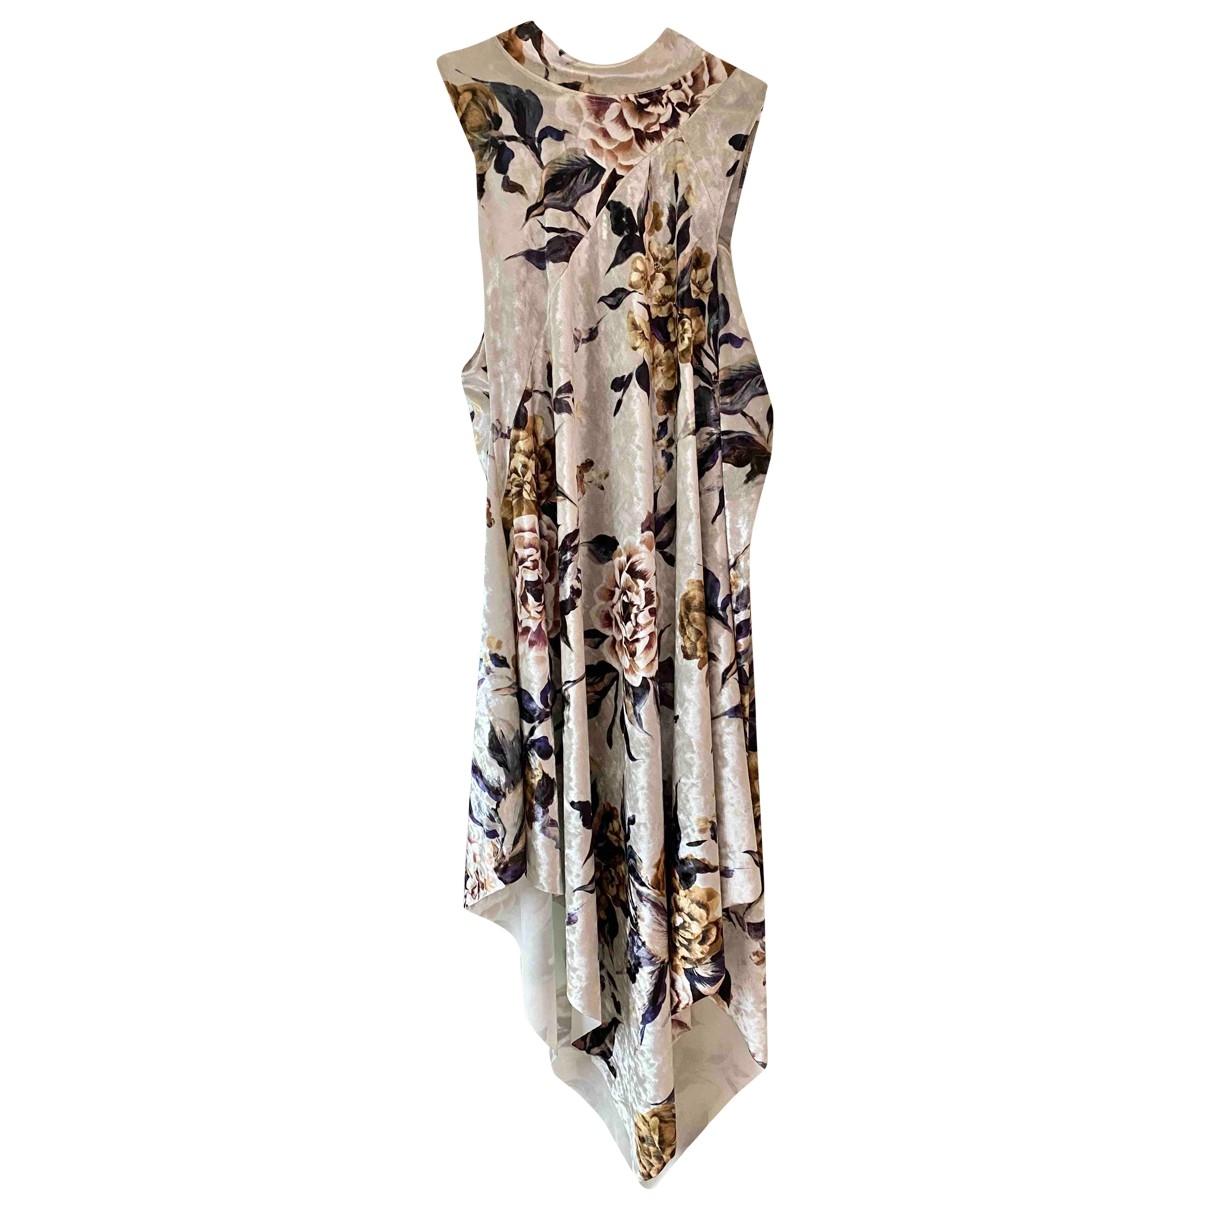 Mm6 \N Kleid in Samt